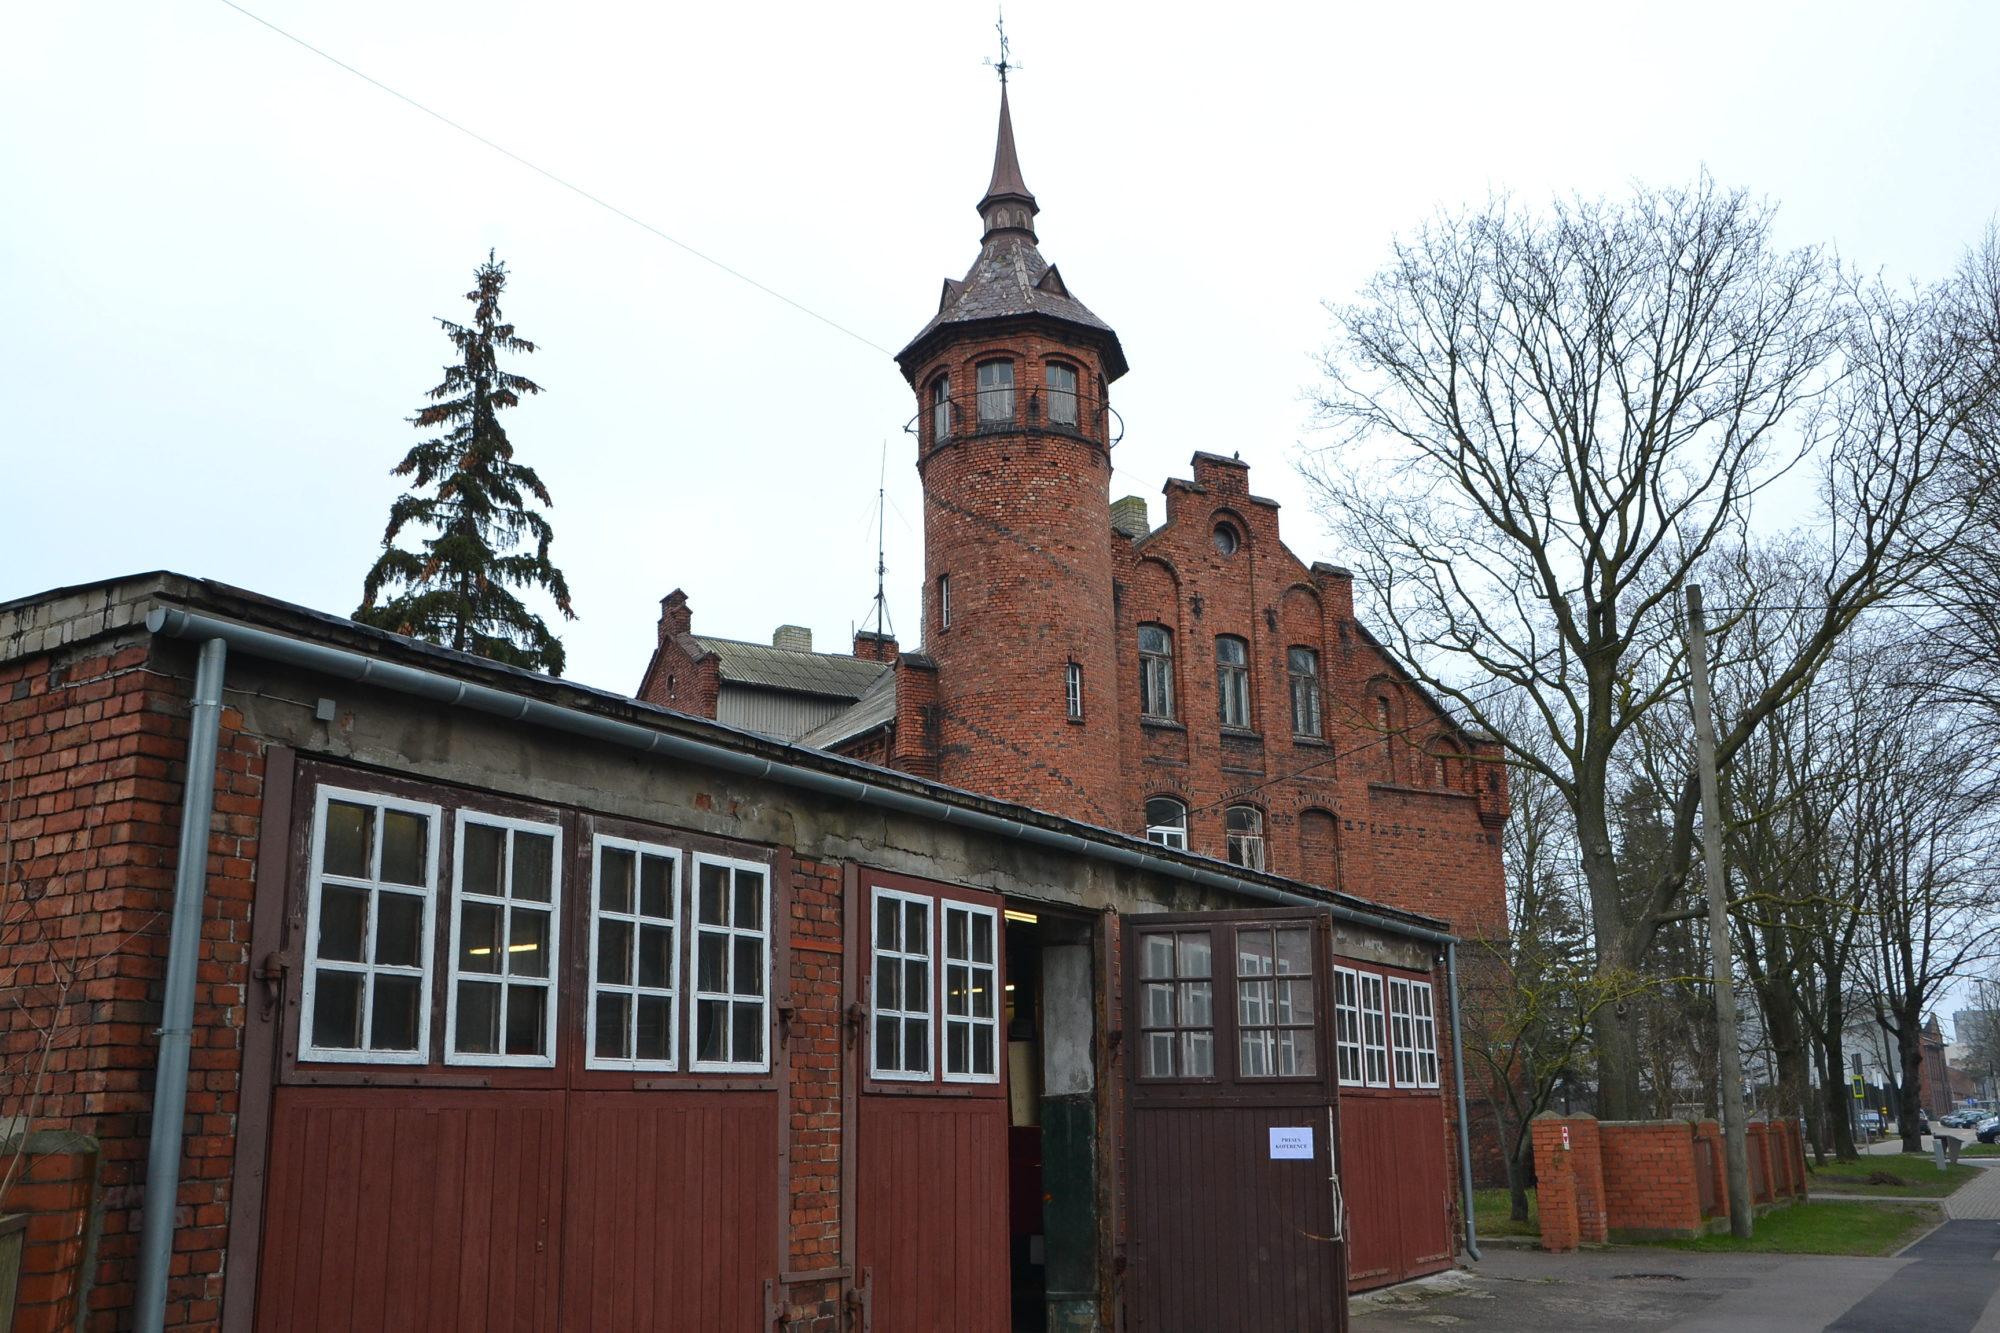 Likvidēs vecāko ugunsdzēsības depo Latvijā